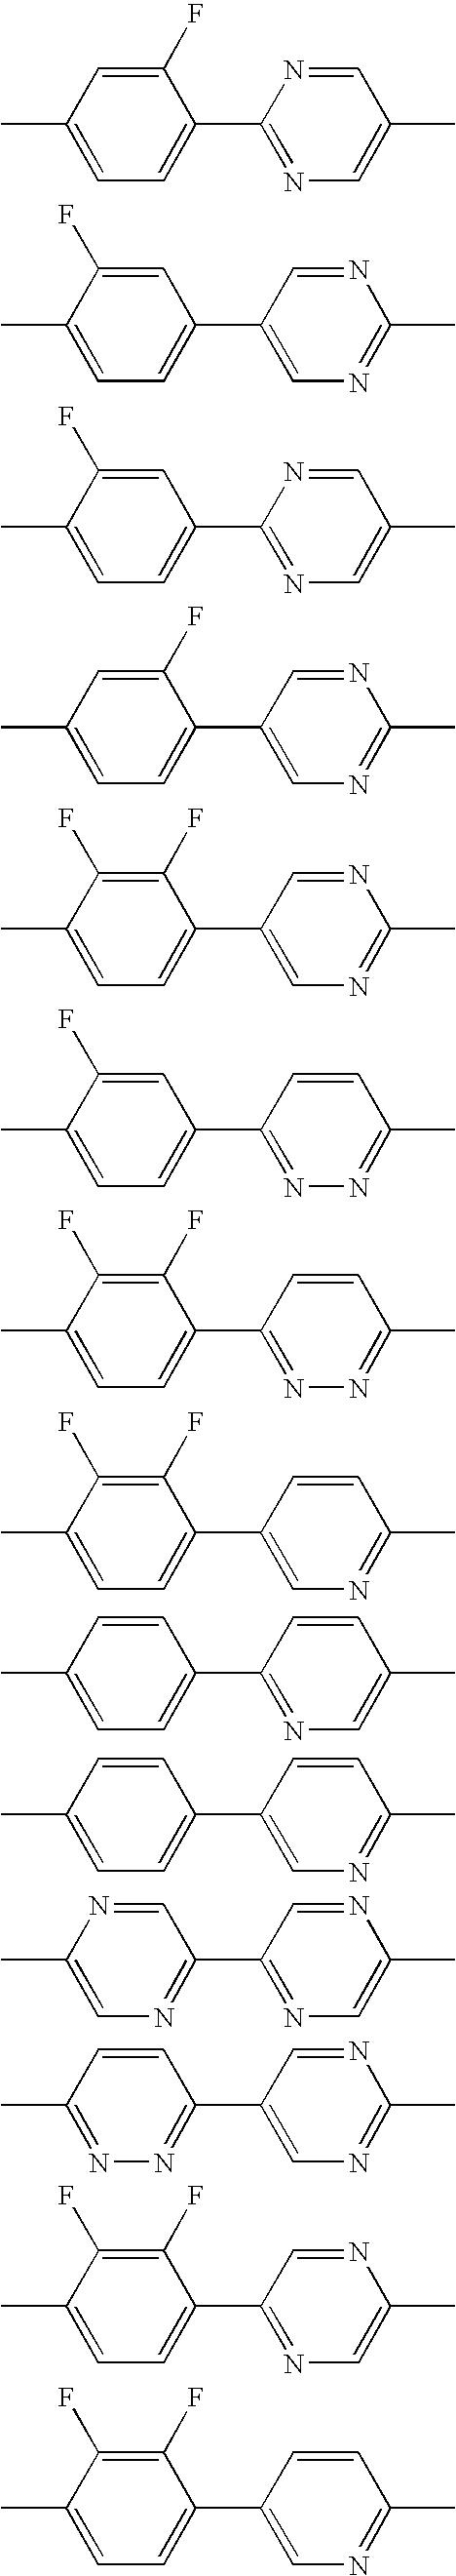 Figure US07083832-20060801-C00012